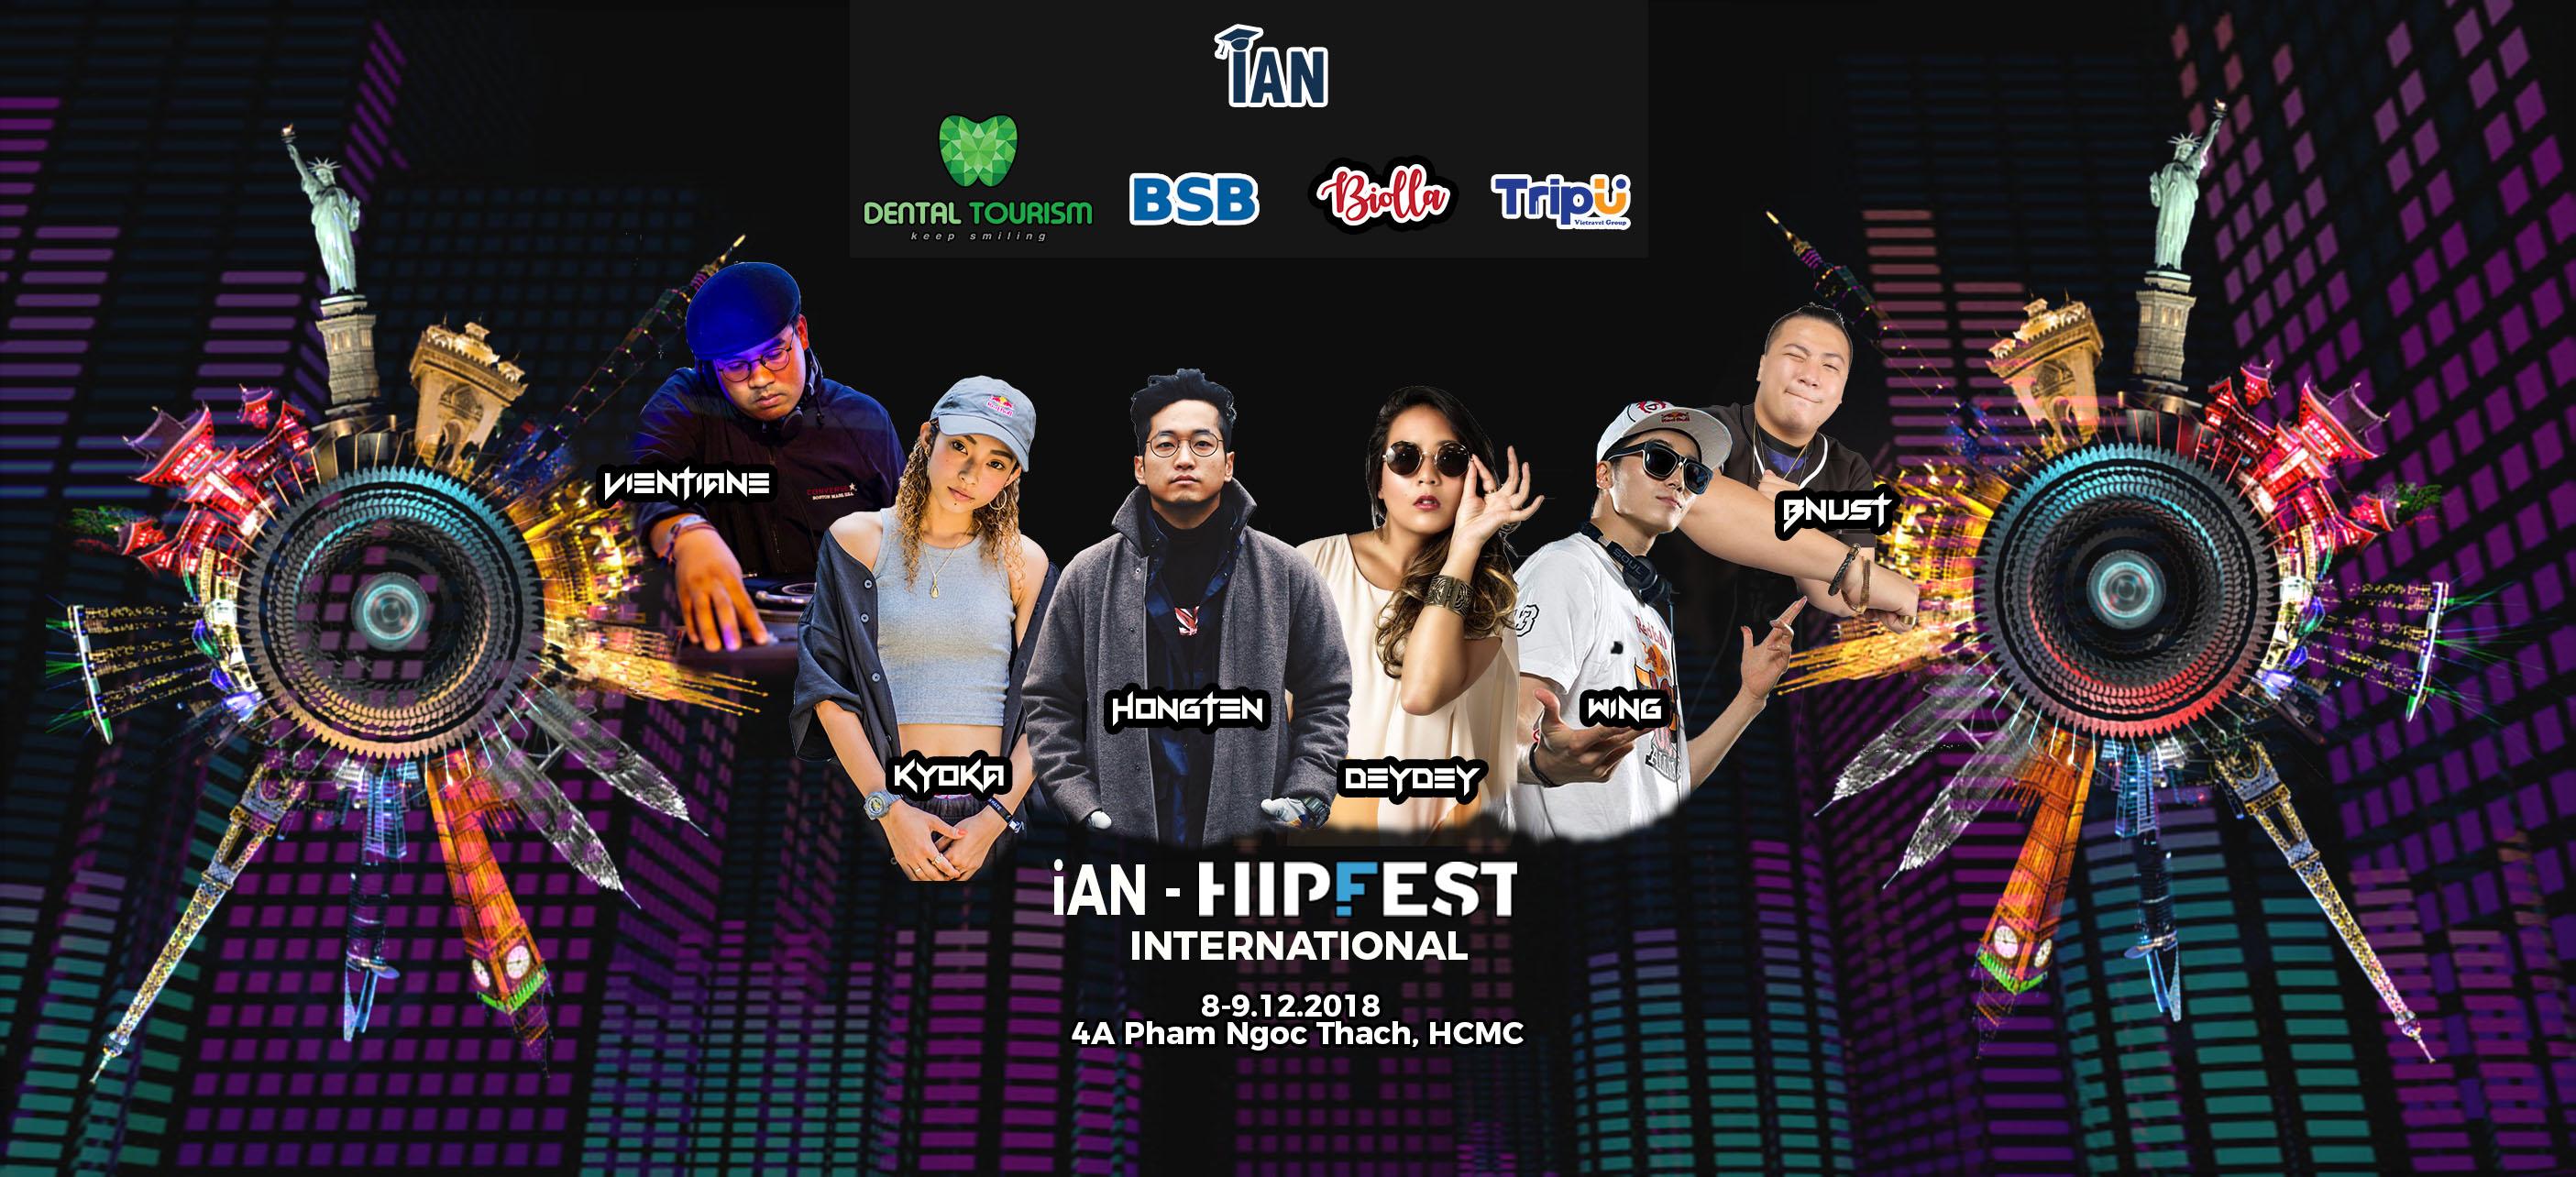 iAN Hipfest International 2018: Lễ hội hiphop quy tụ anh tài khắp thế giới chuẩn bị khuấy đảo giới trẻ Việt - Ảnh 6.